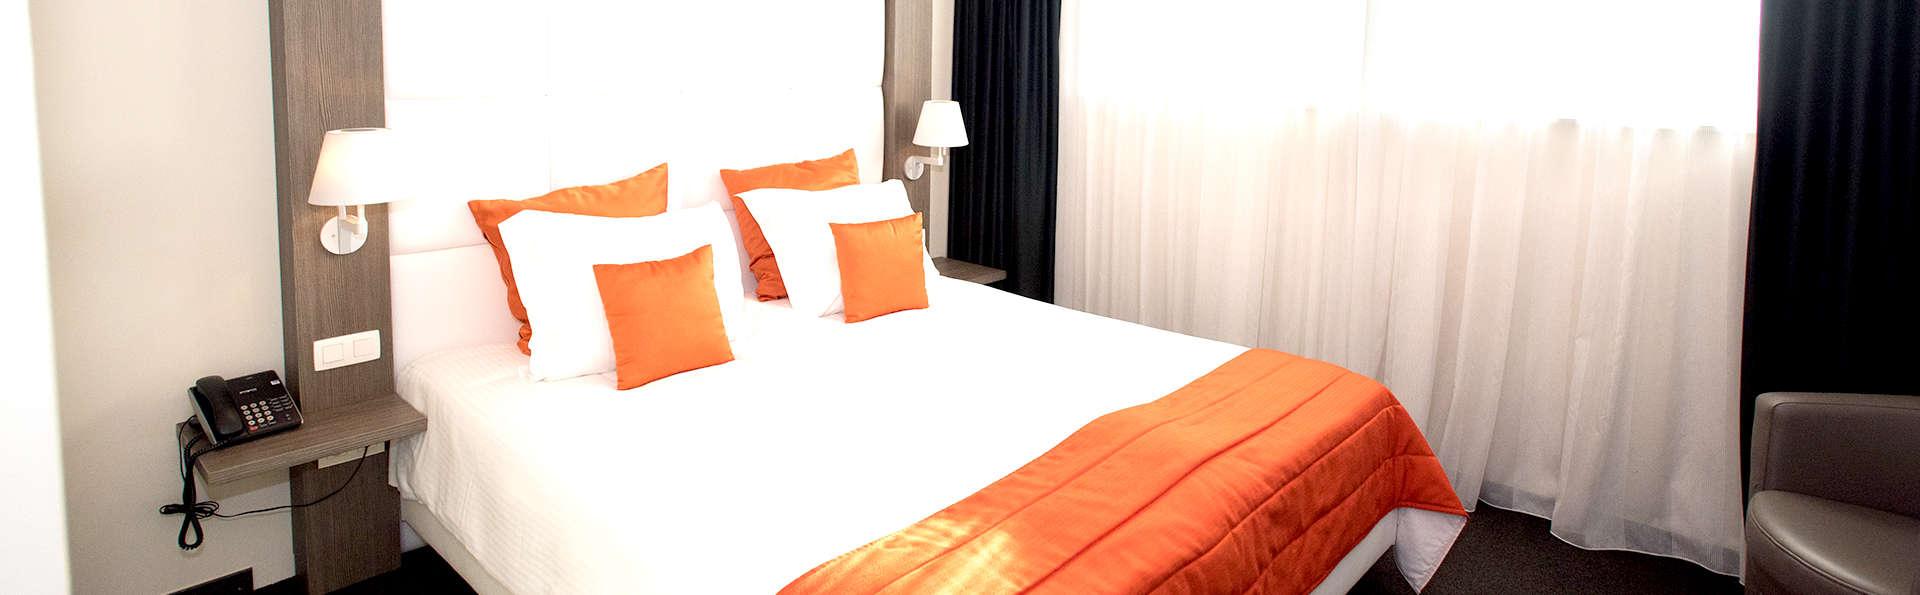 Profitez d'un séjour de luxe à Maasmechelen